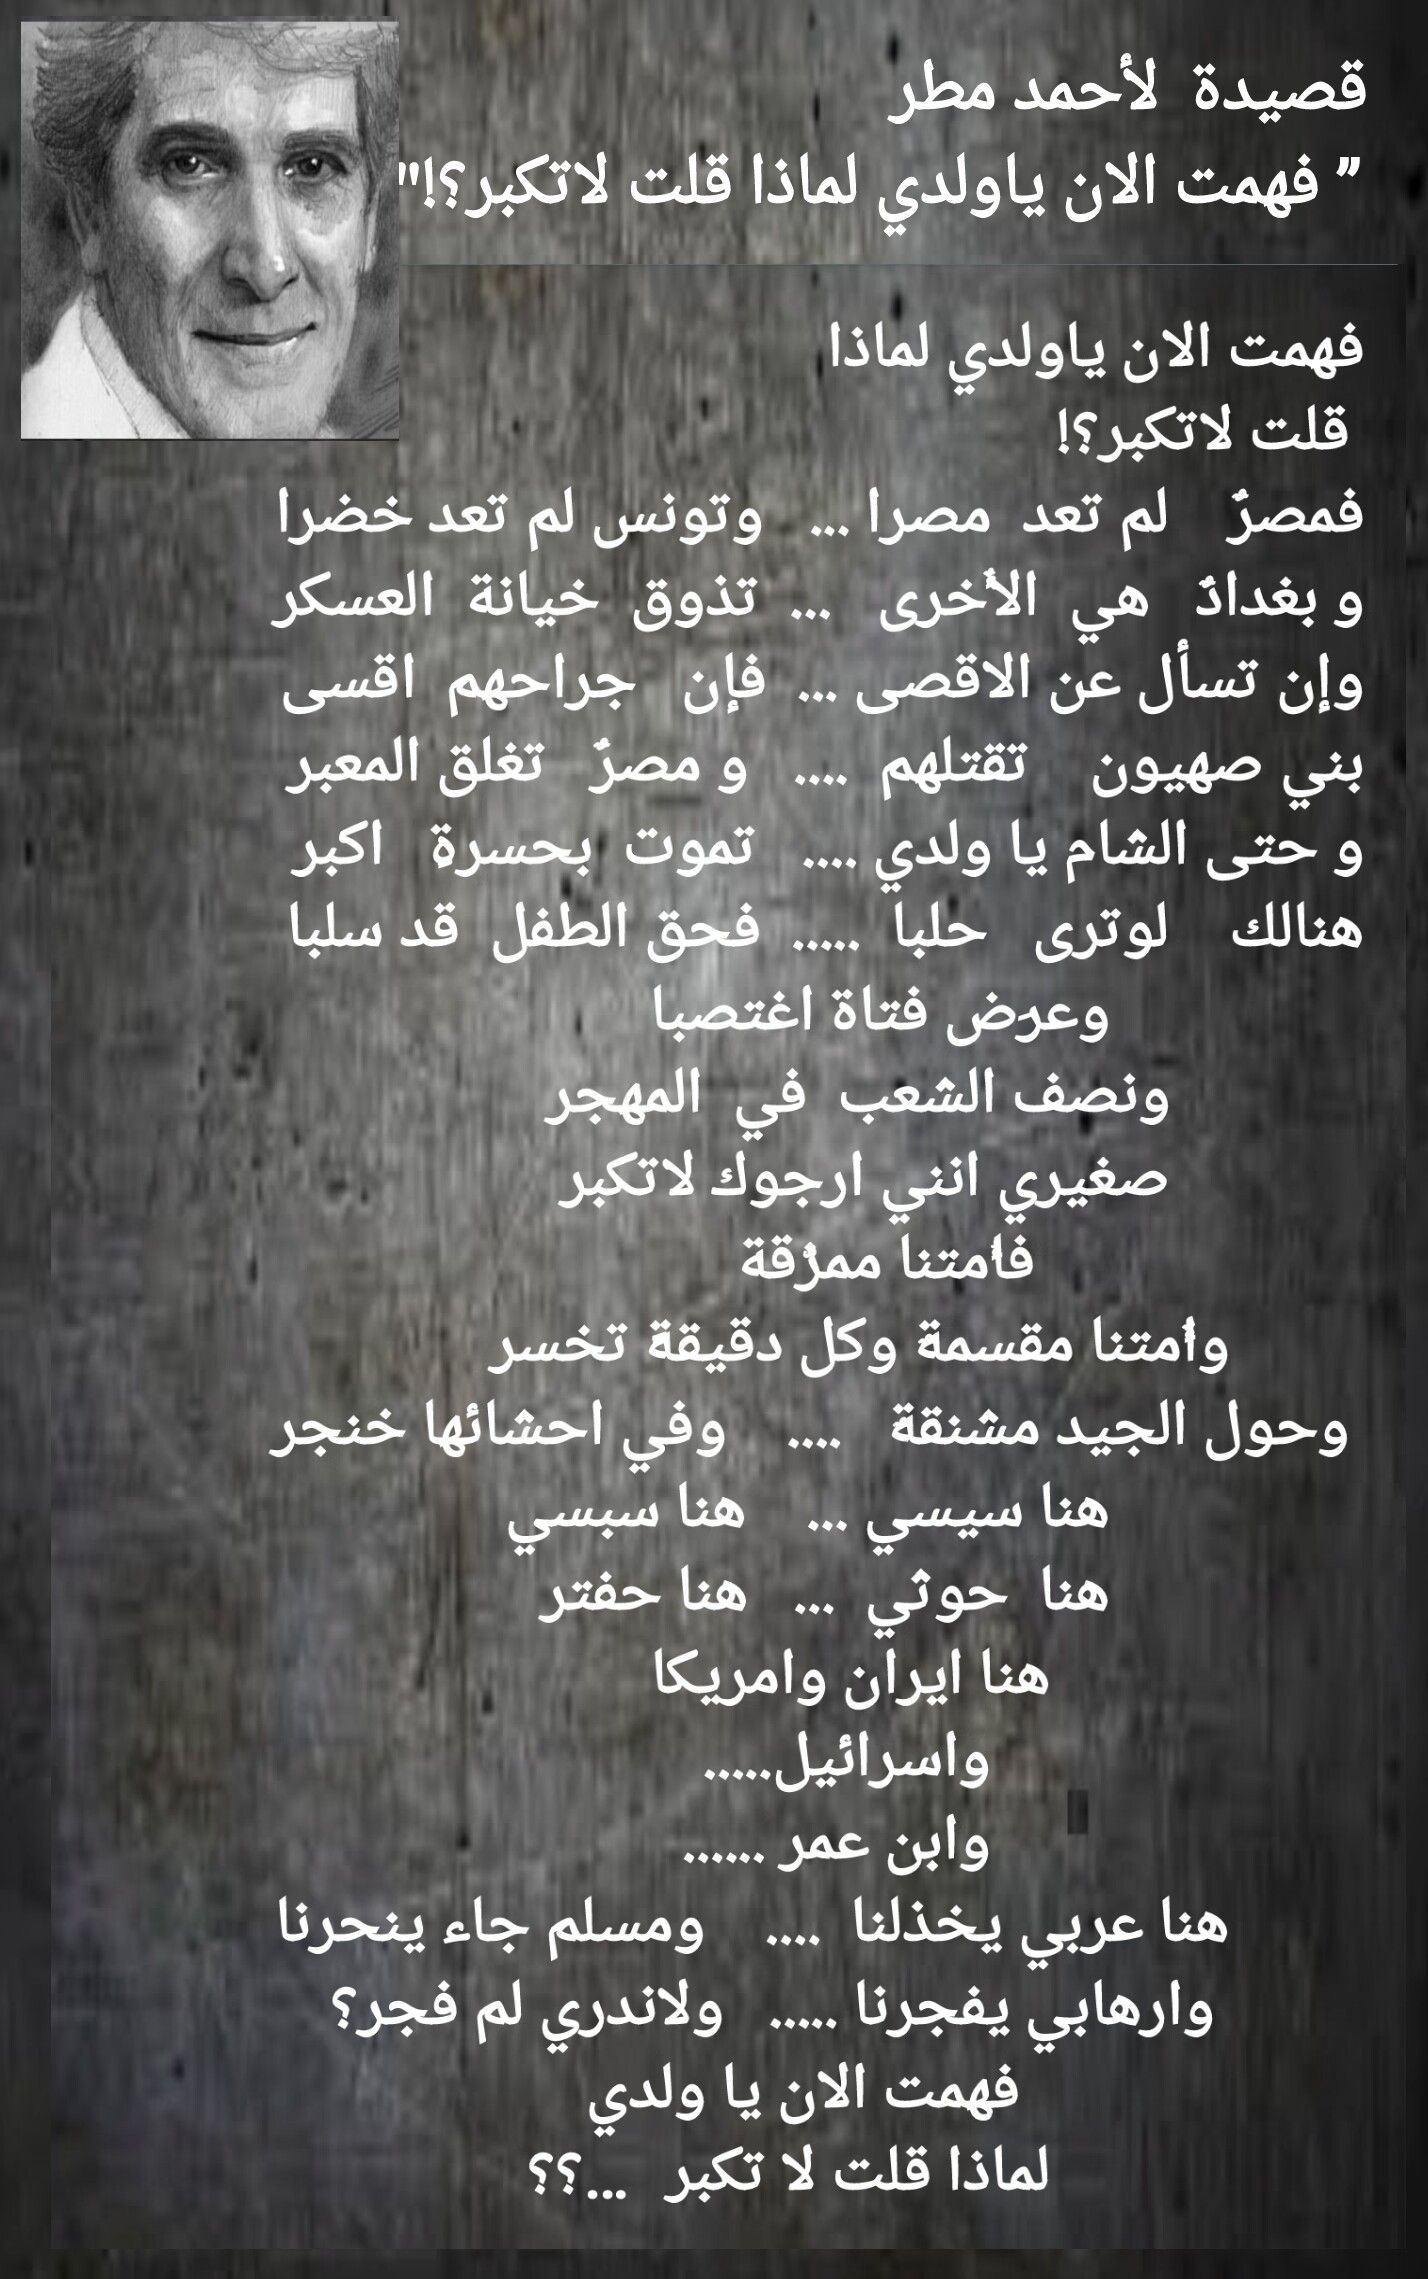 قصيدة أحمد مطر يا ولدي لا تكبر Words Arabic Quotes True Quotes